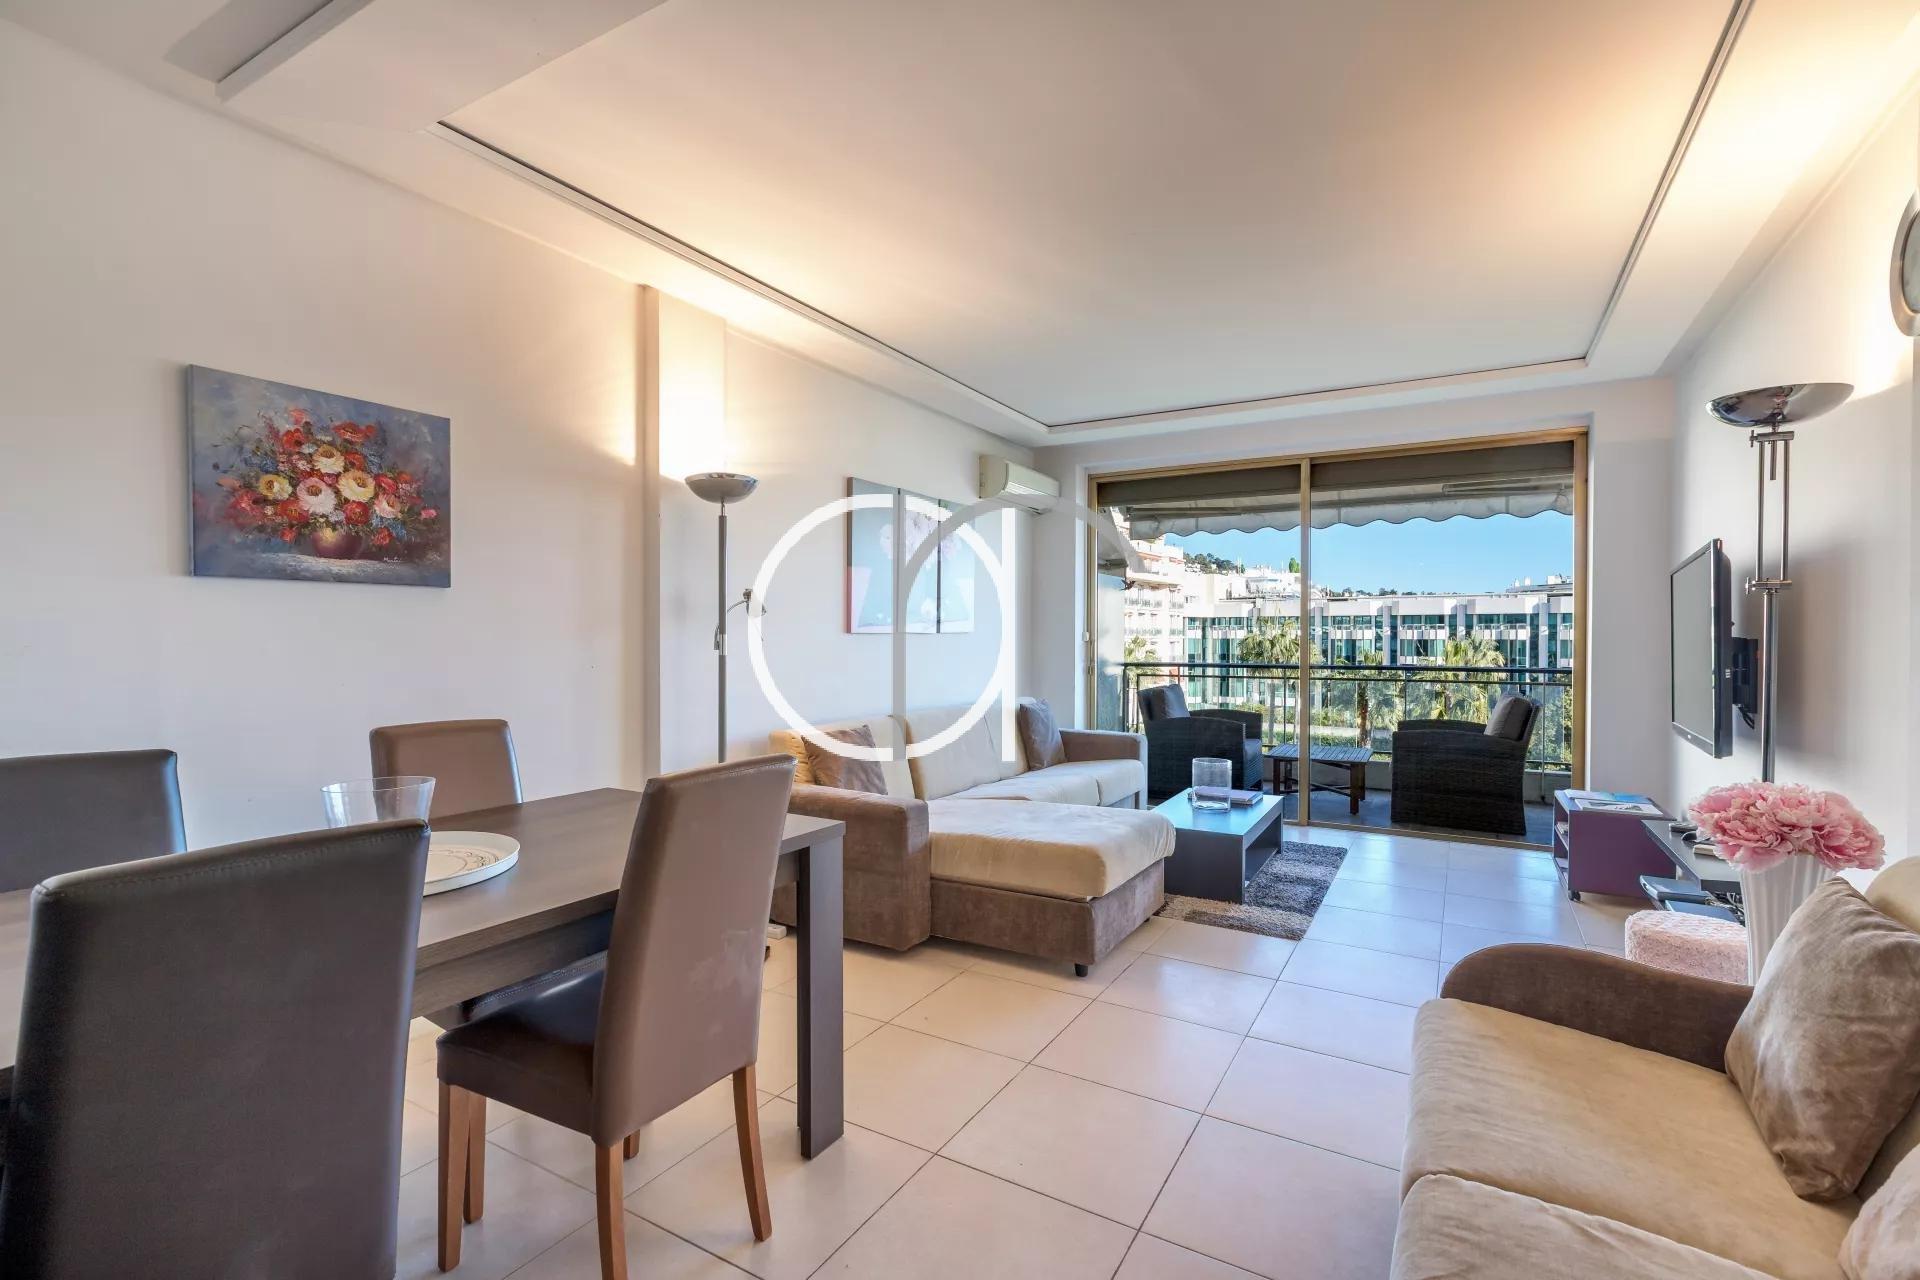 GRAND HOTEL - STUDIO WITH SEA VIEW